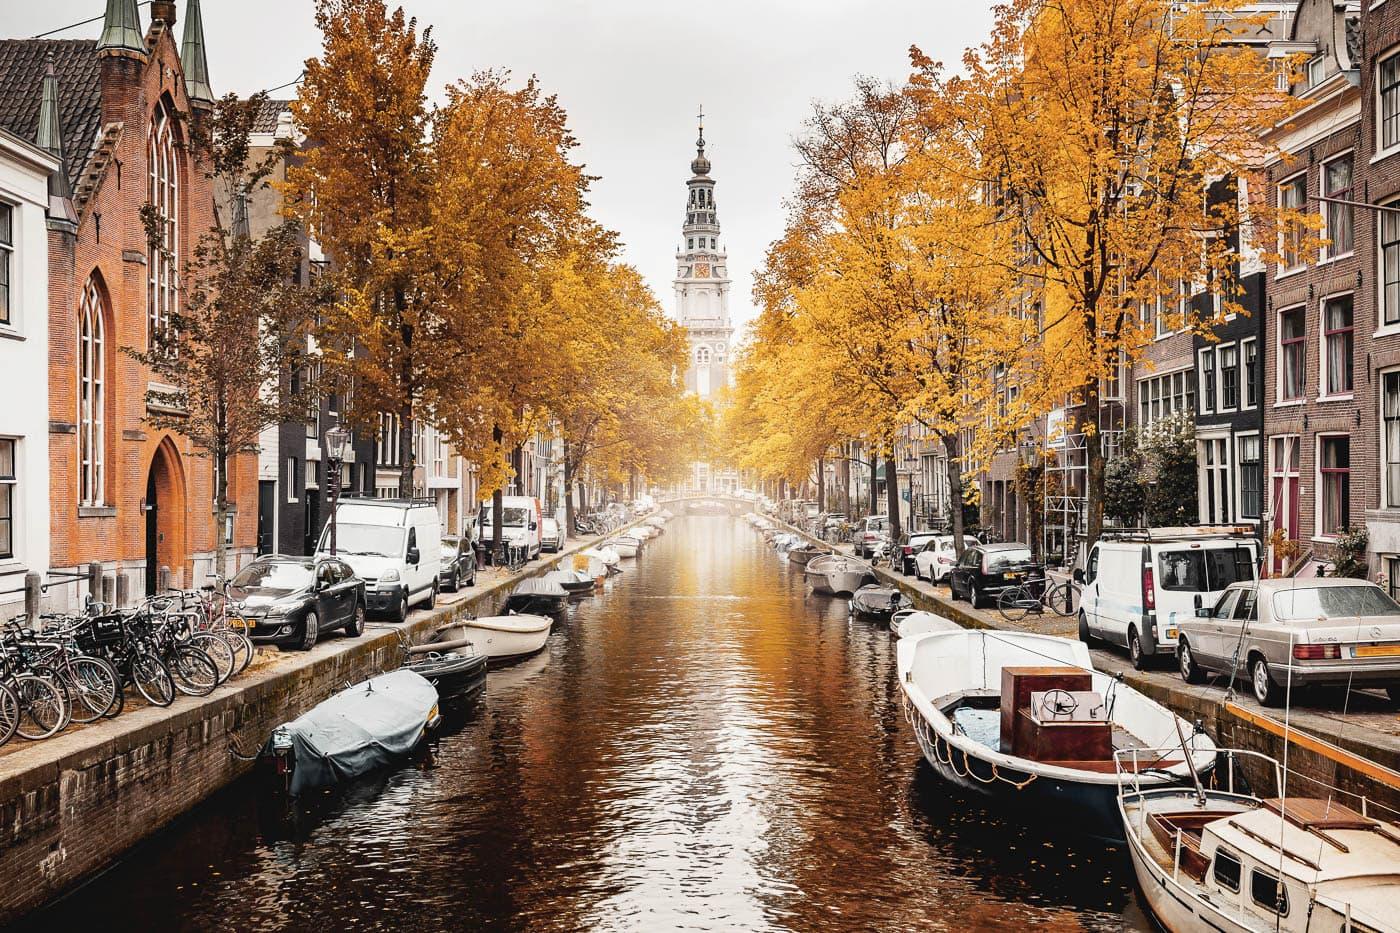 Blick auf die Amsterdamer Zuiderkerk im Groenburgwal, Gracht im Herbst